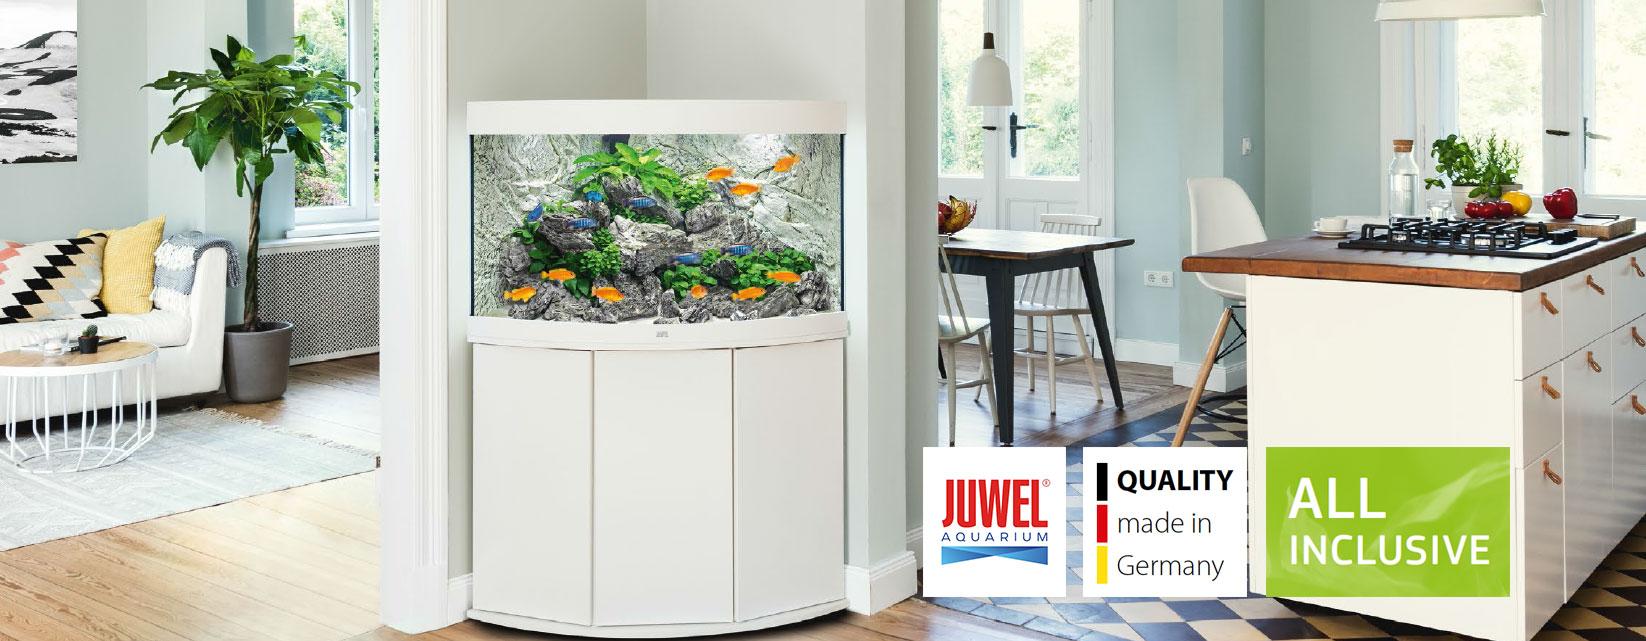 JUWEL Aquarium Online Shop, Bild 3